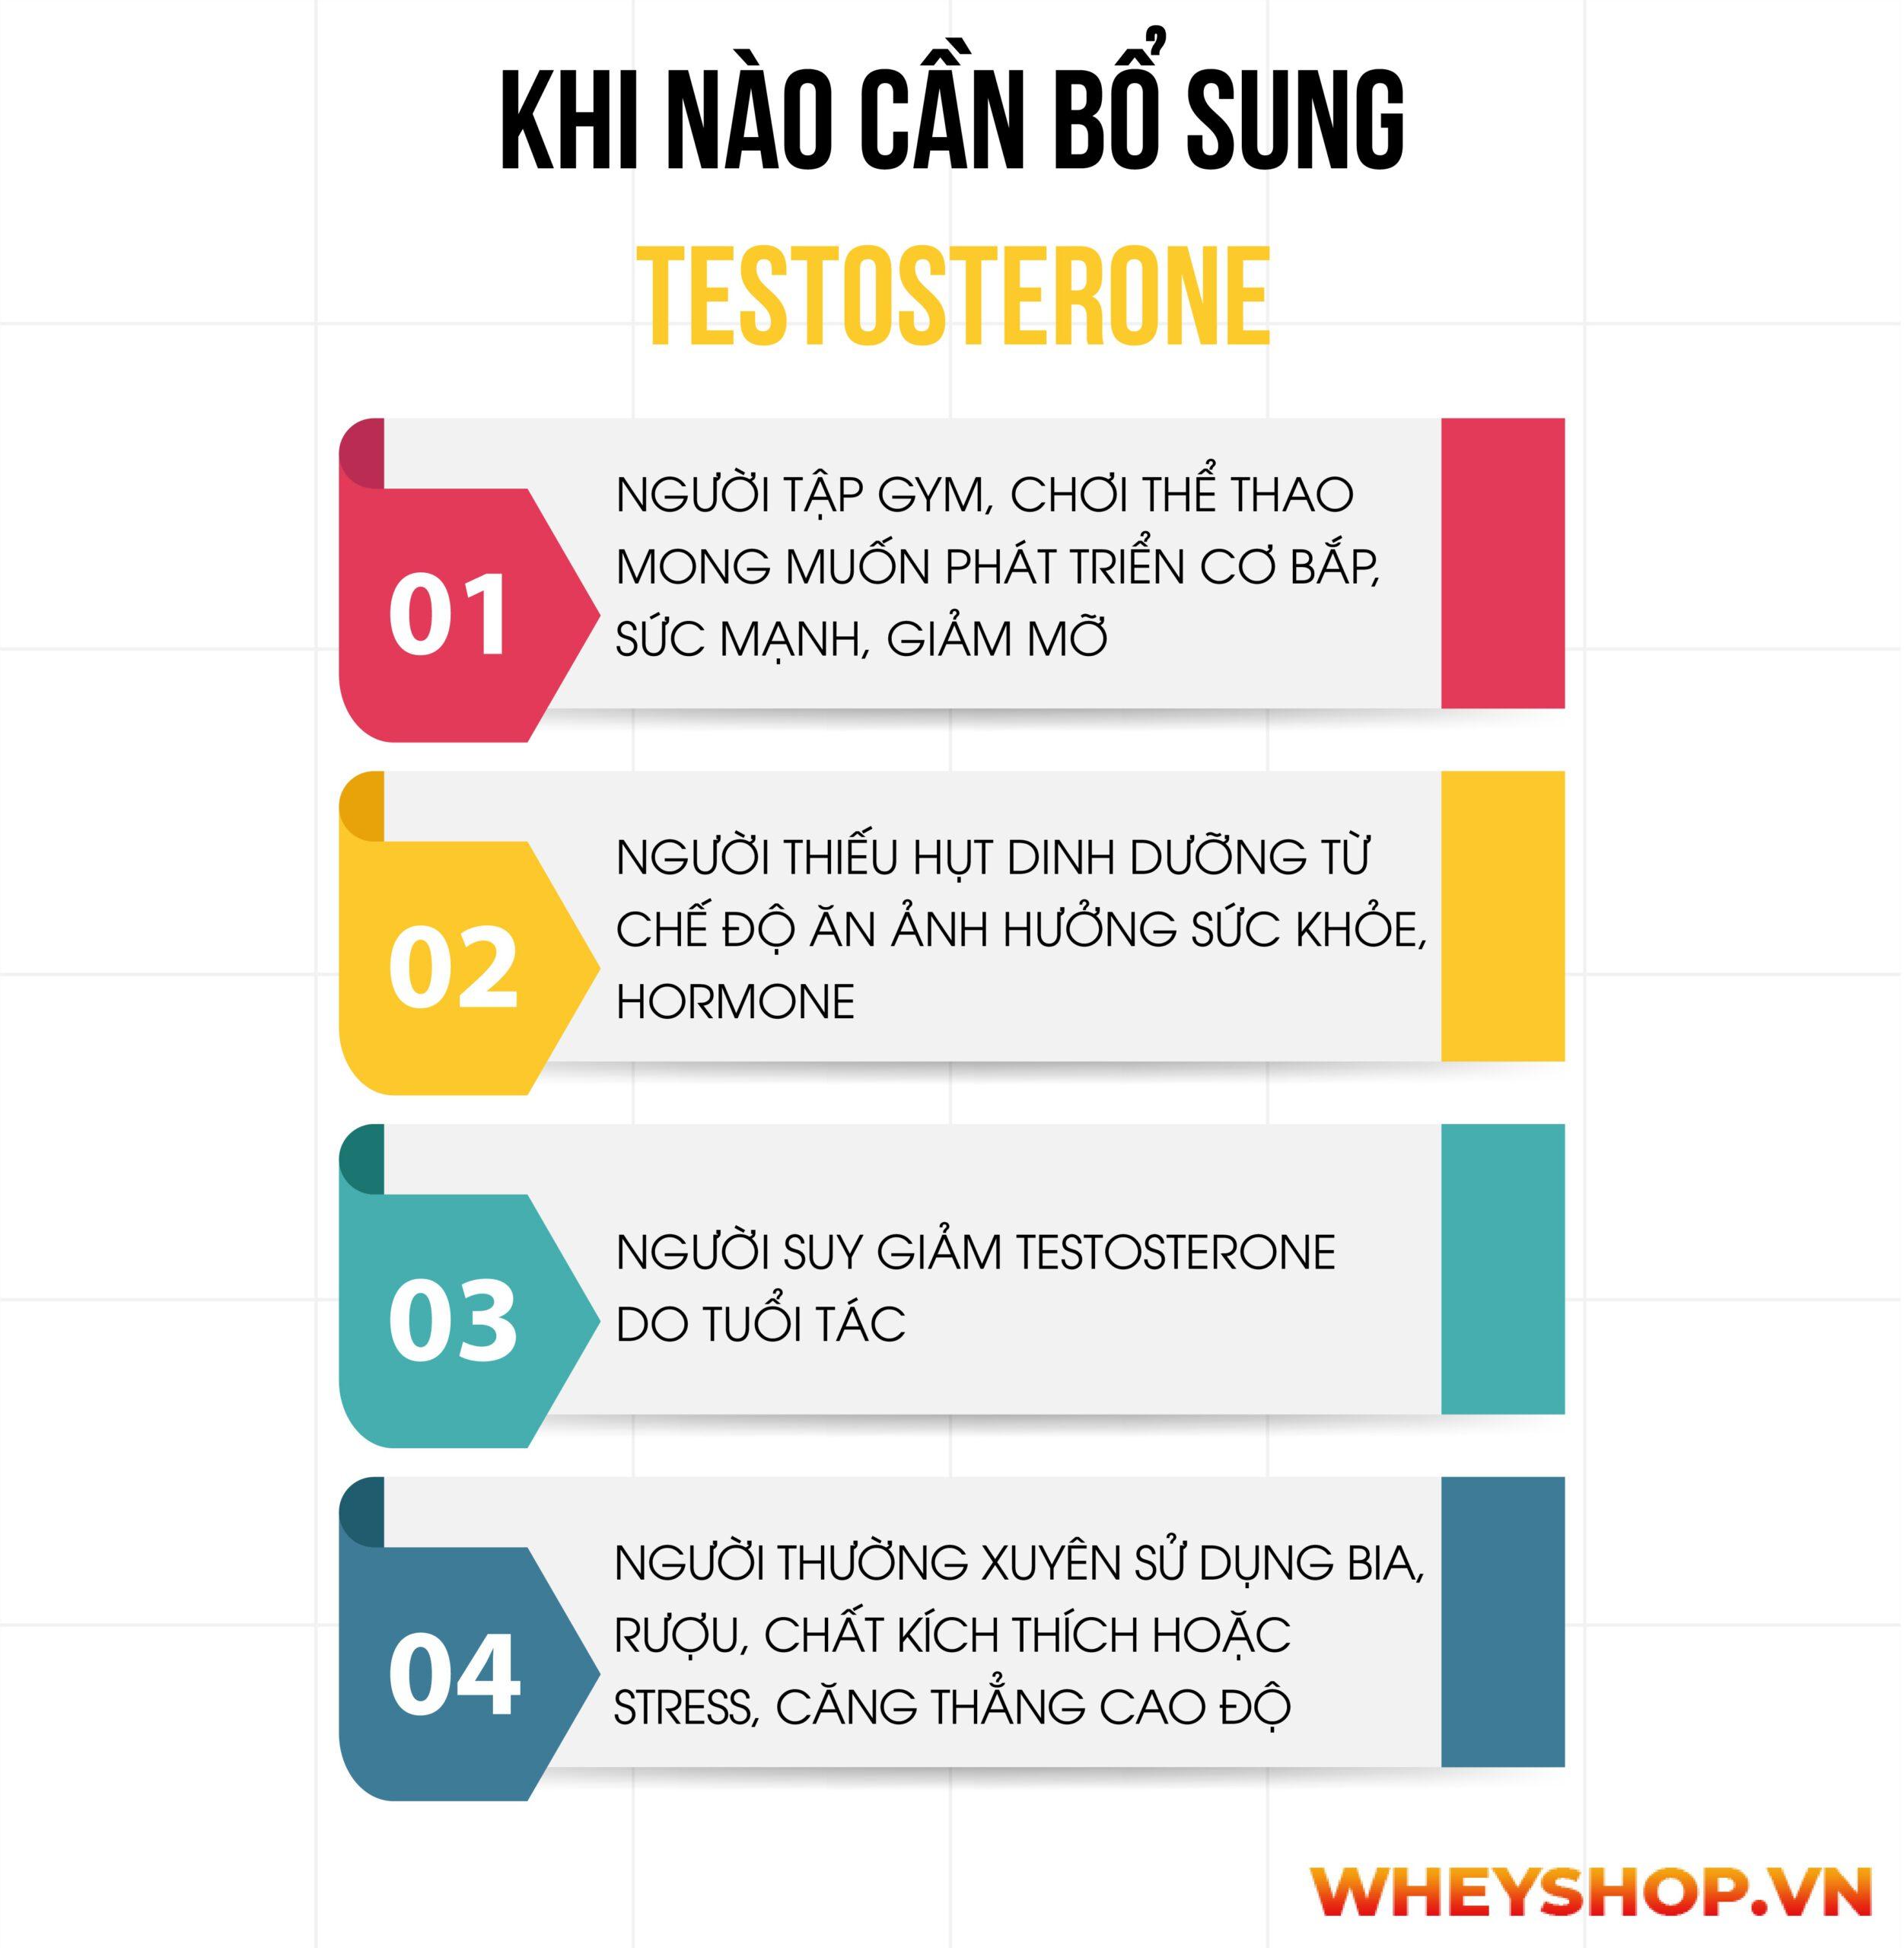 Muscletech Test HD là gì, Review đánh giá Test HD Muscletech có tốt không, Muscletech Test HD Supplement có công dụng gì, Test HD có phải là Steroids không...